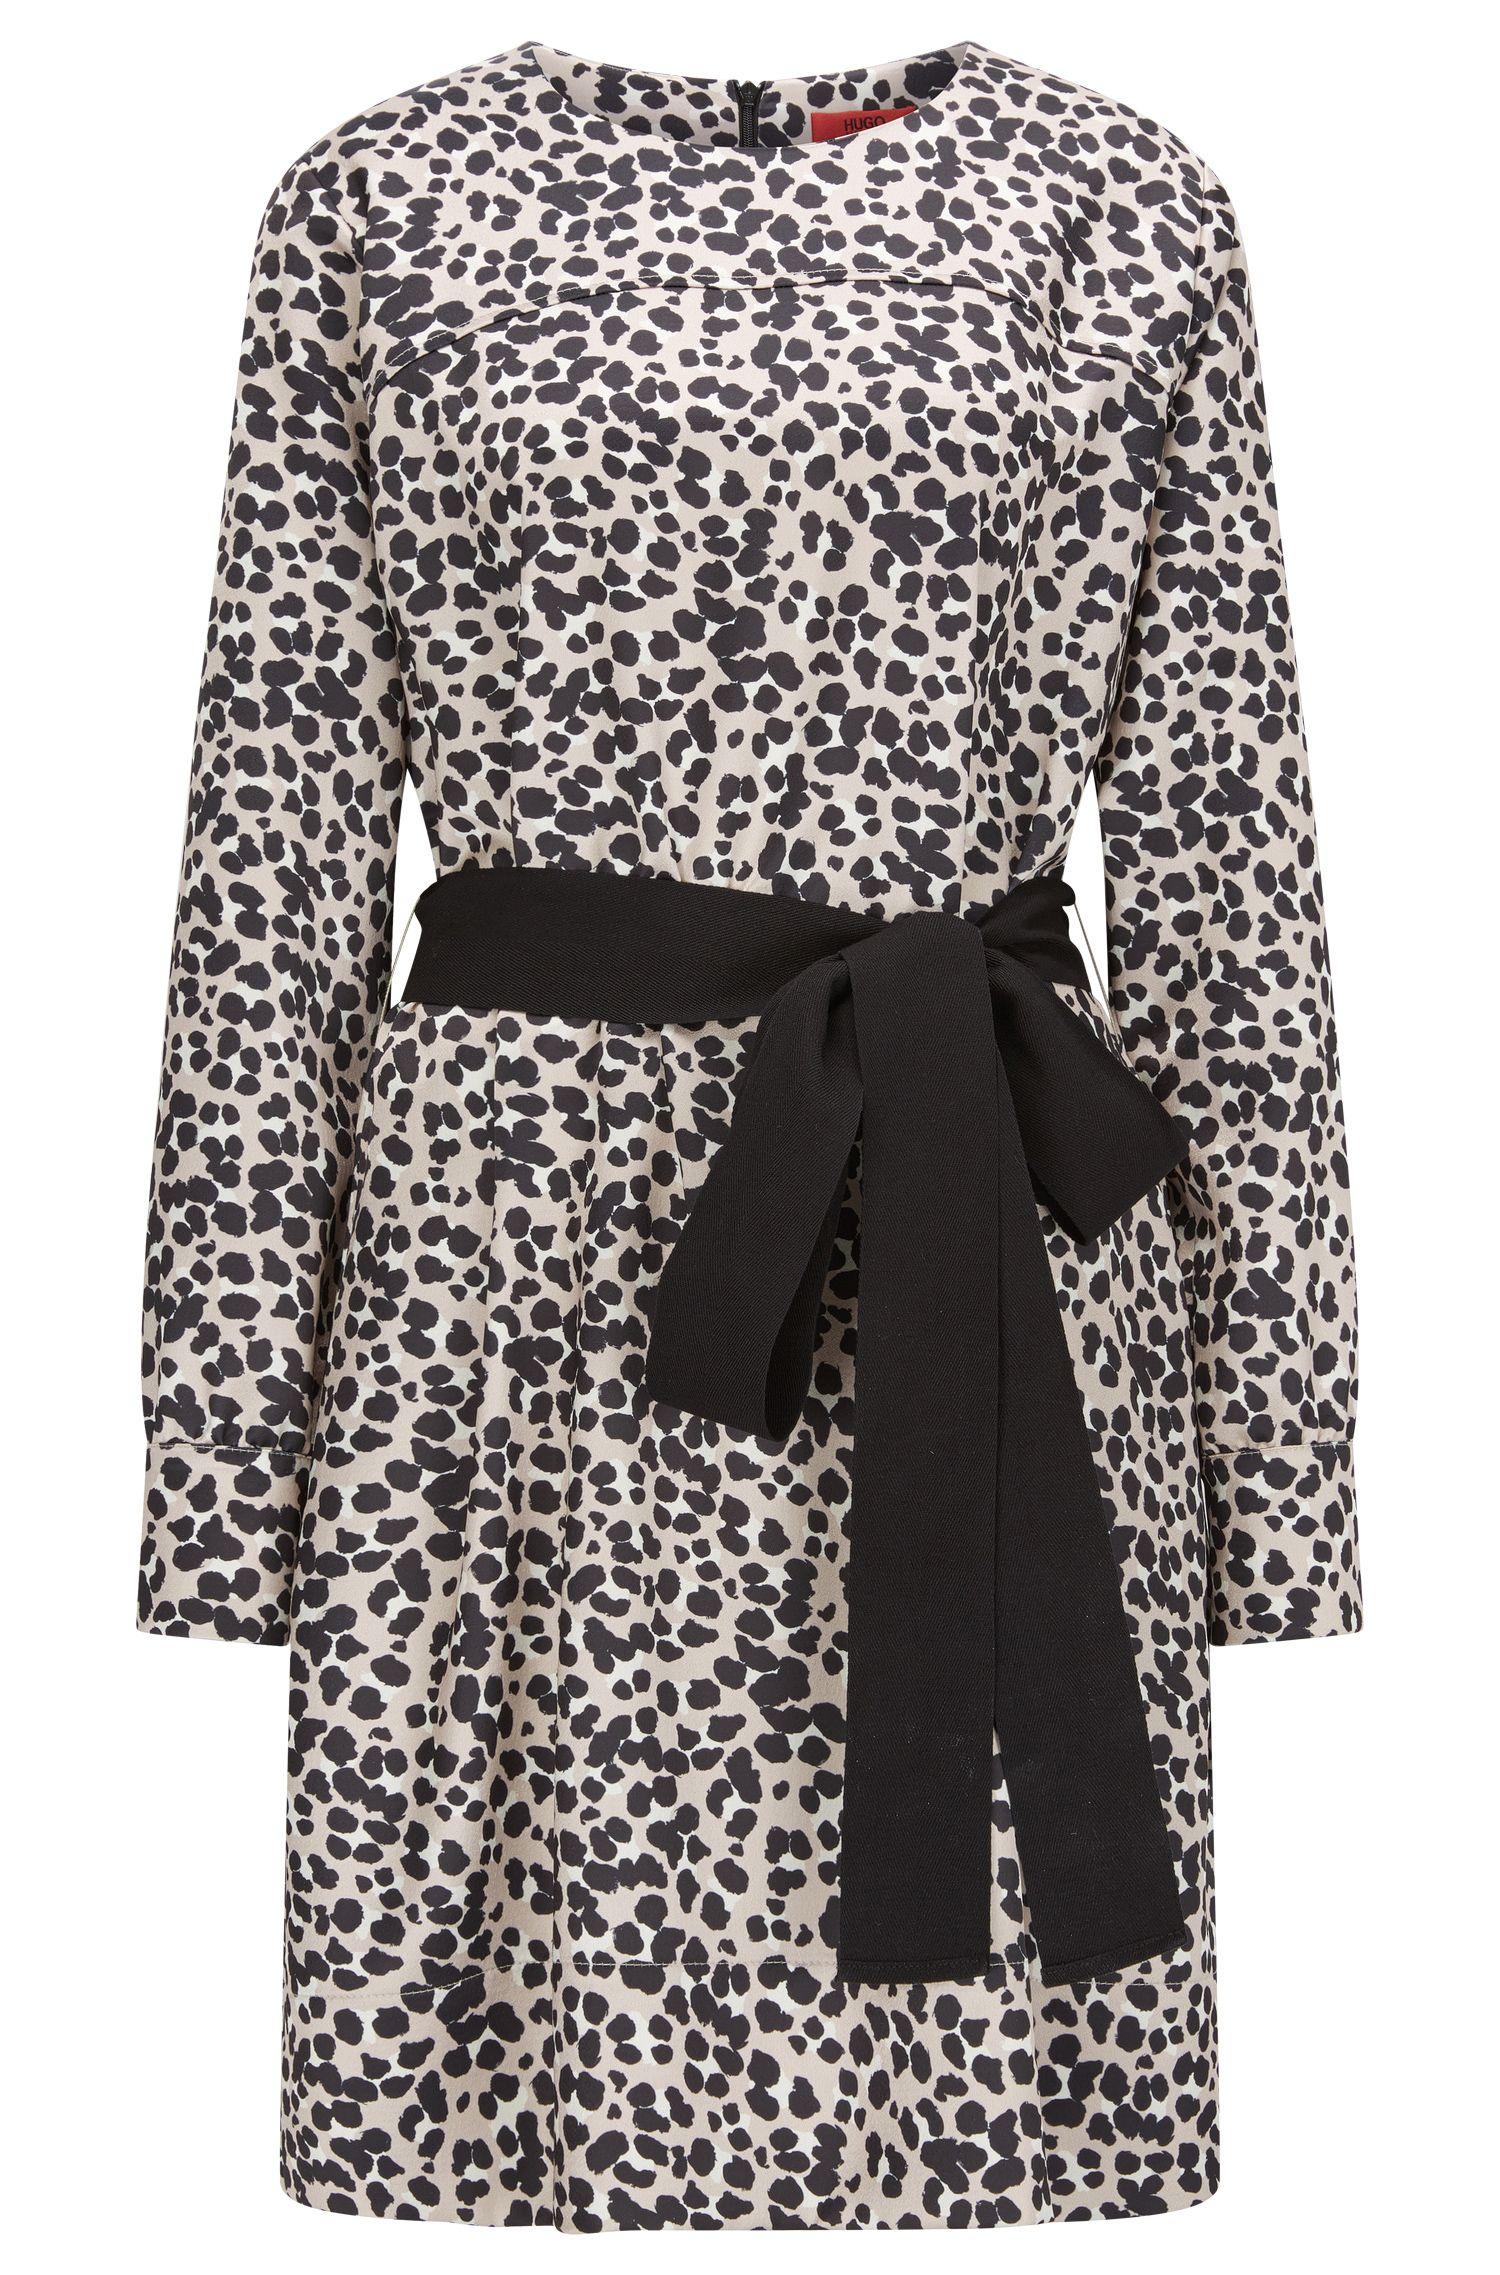 Vestido de crepé abatanado con estampado de guepardo